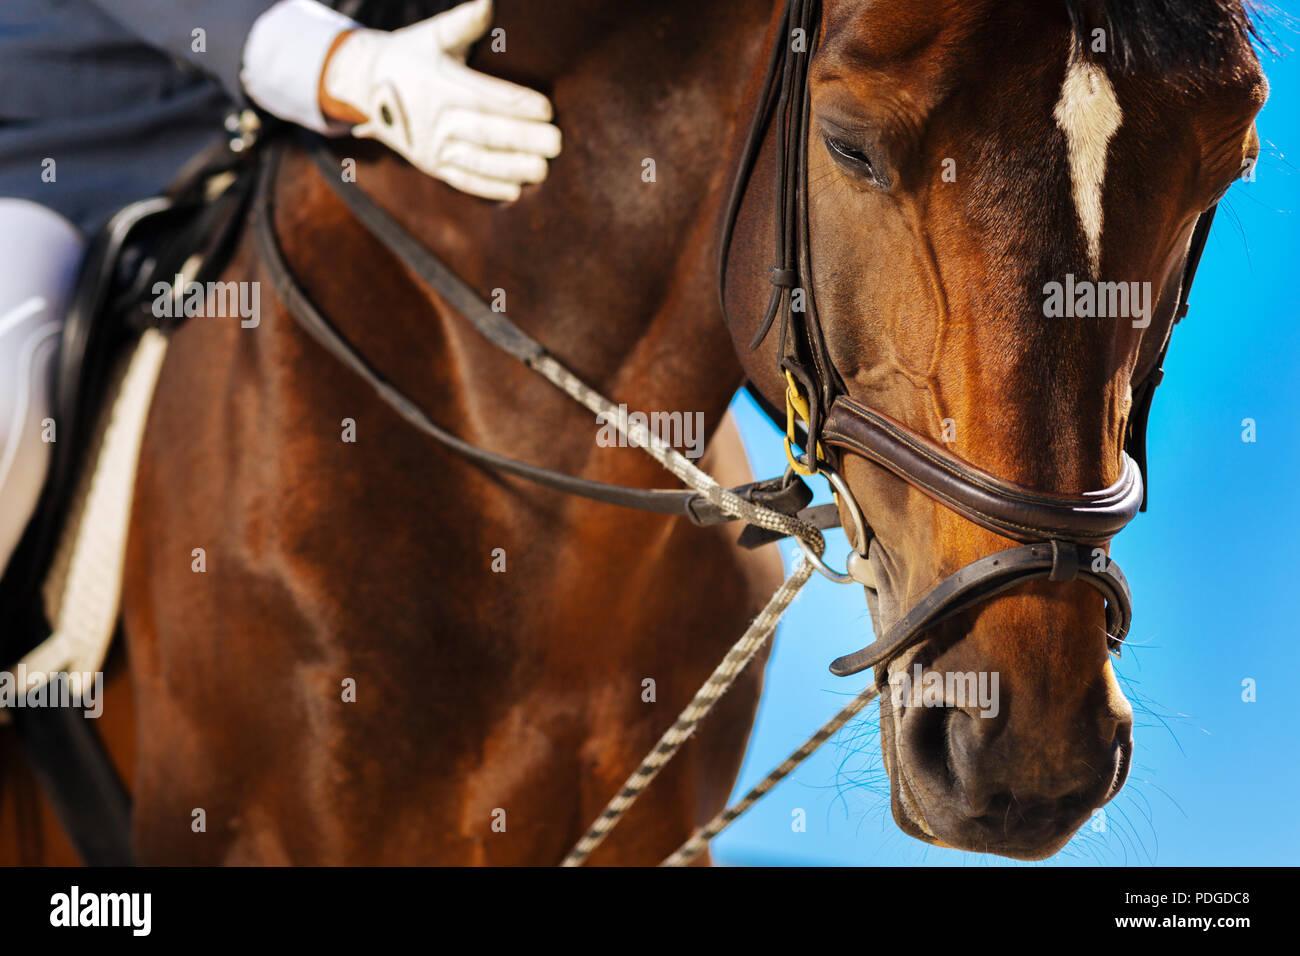 Dark-eyed braun Race Horse bereit für jährliche Pferderennen Stockbild